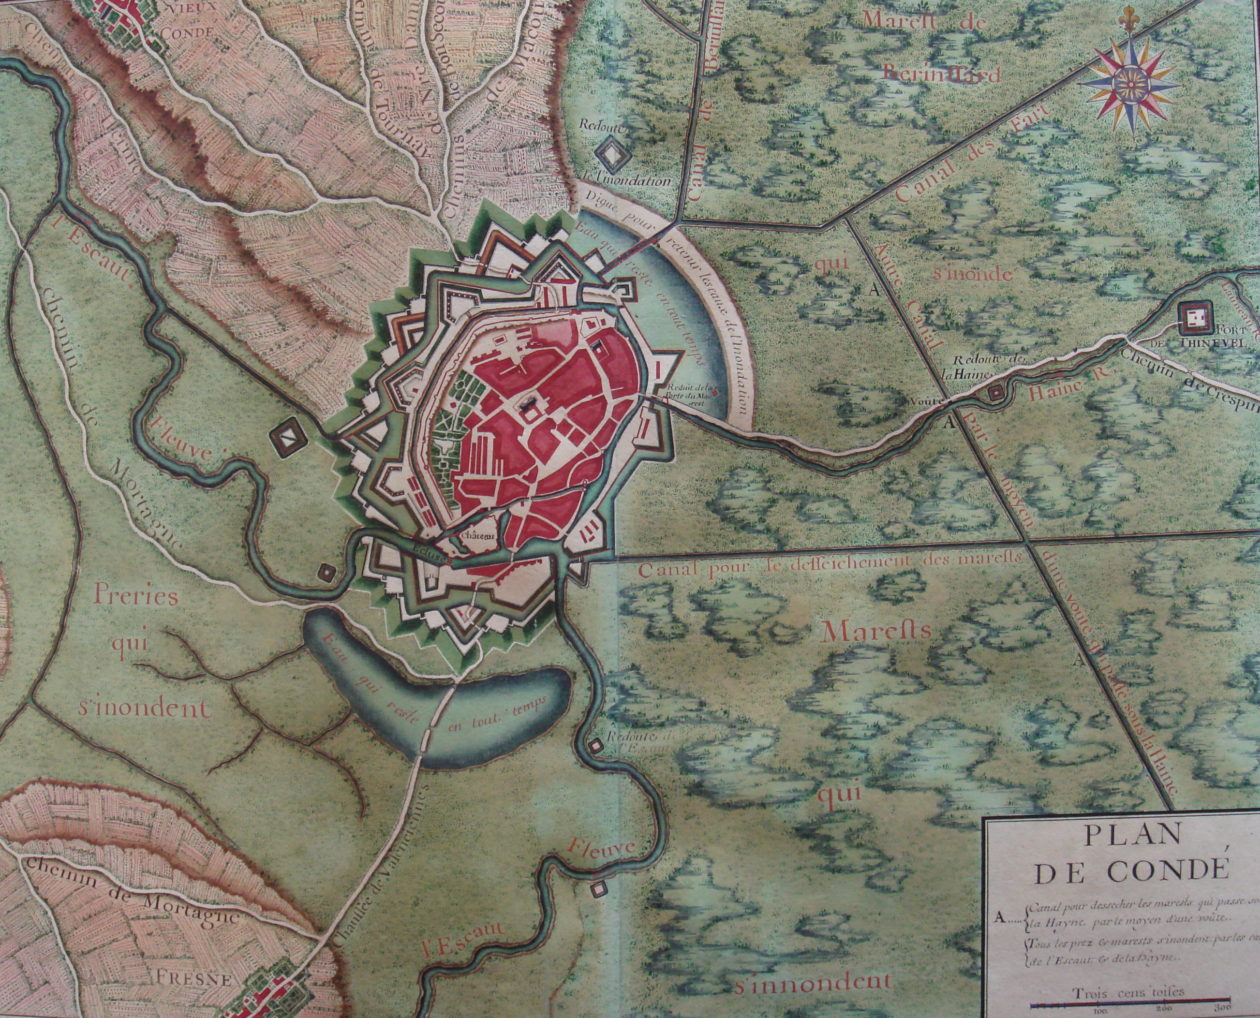 Carnets d'Escaut – Histoire et archéologie de la vallée de l'Escaut